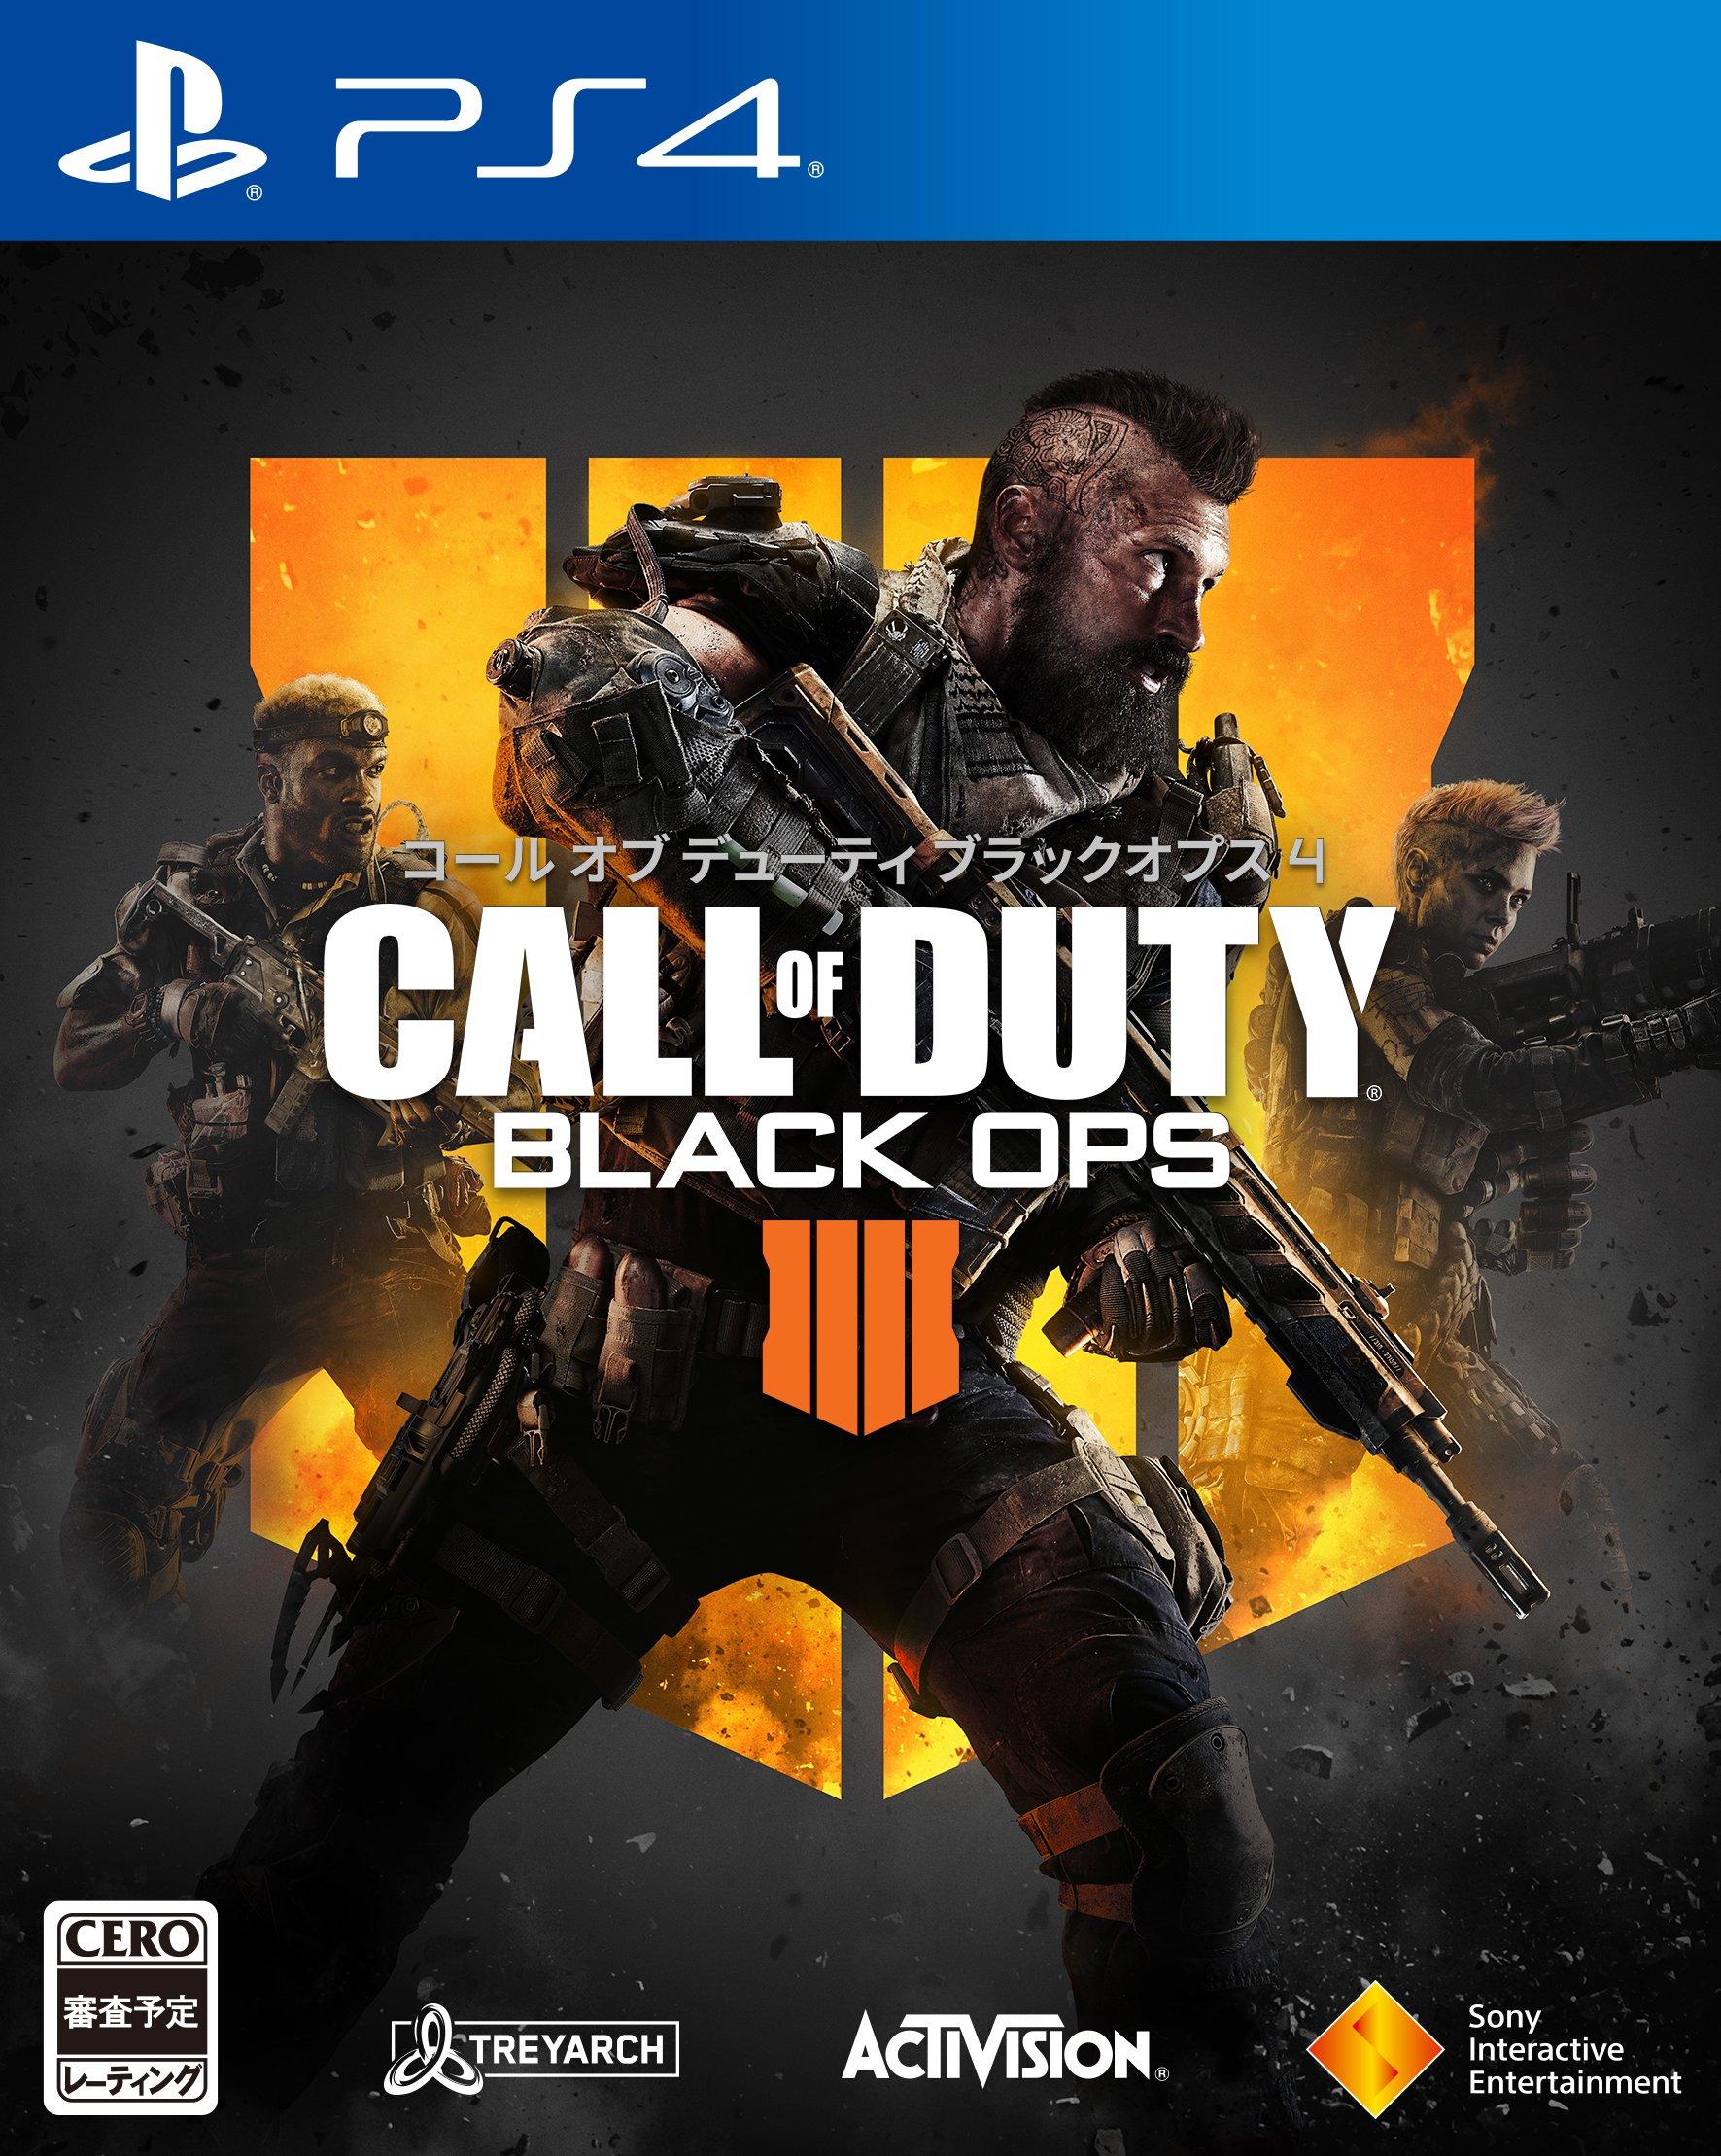 コール オブ デューティ ブラックオプス 4【早期購入特典】「1,100 Call of Duty ポイント」がダウンロード可能なコードチラシ (封入)